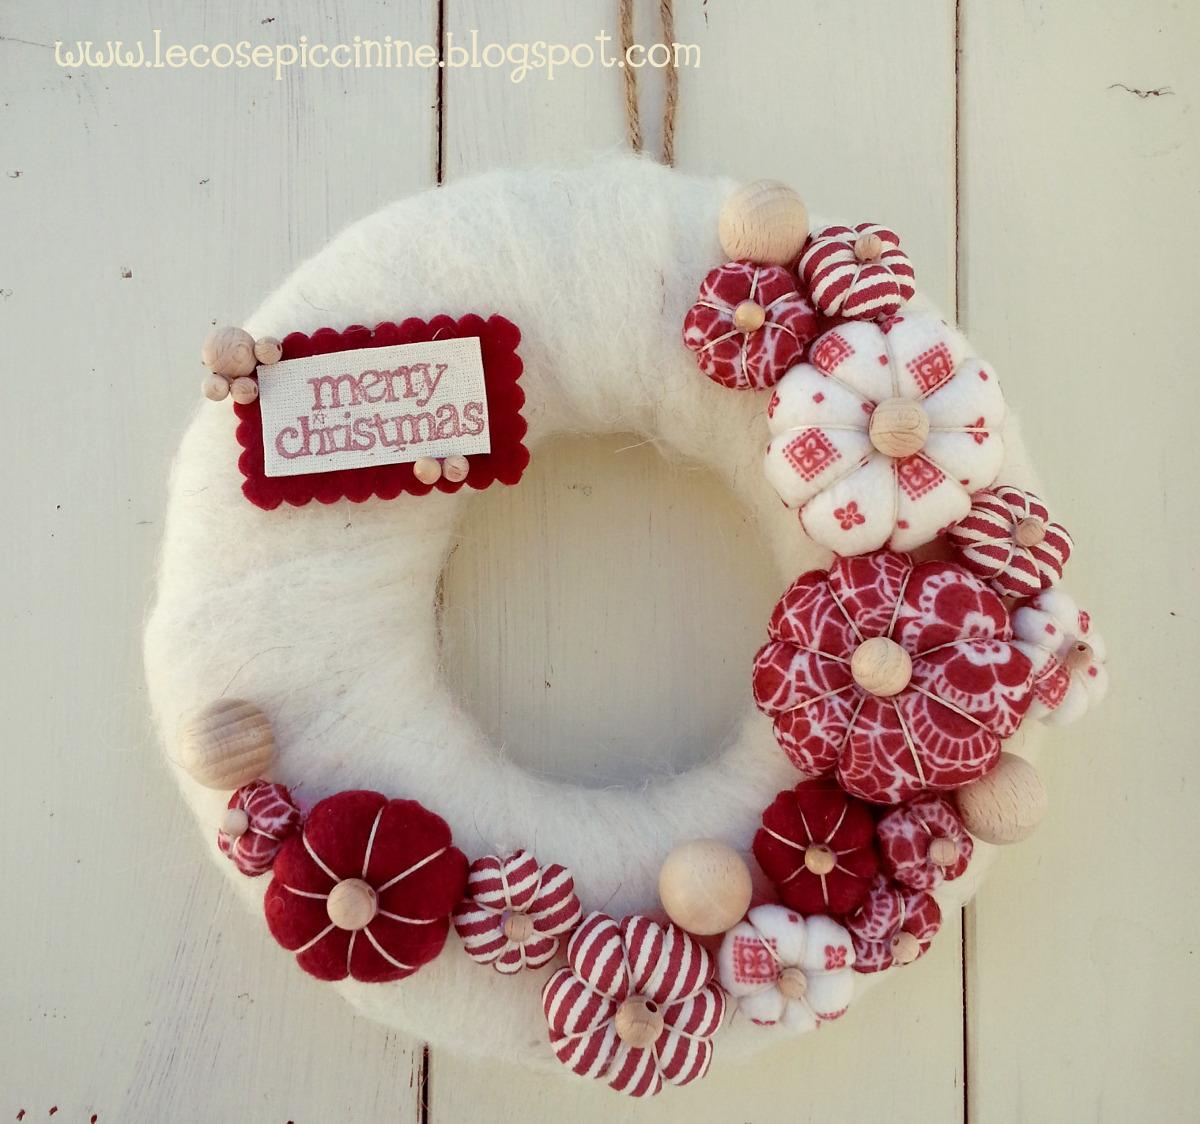 Le cose piccinine il natale piccinino 3 una ghirlanda - Decorazioni natalizie per la porta di casa ...